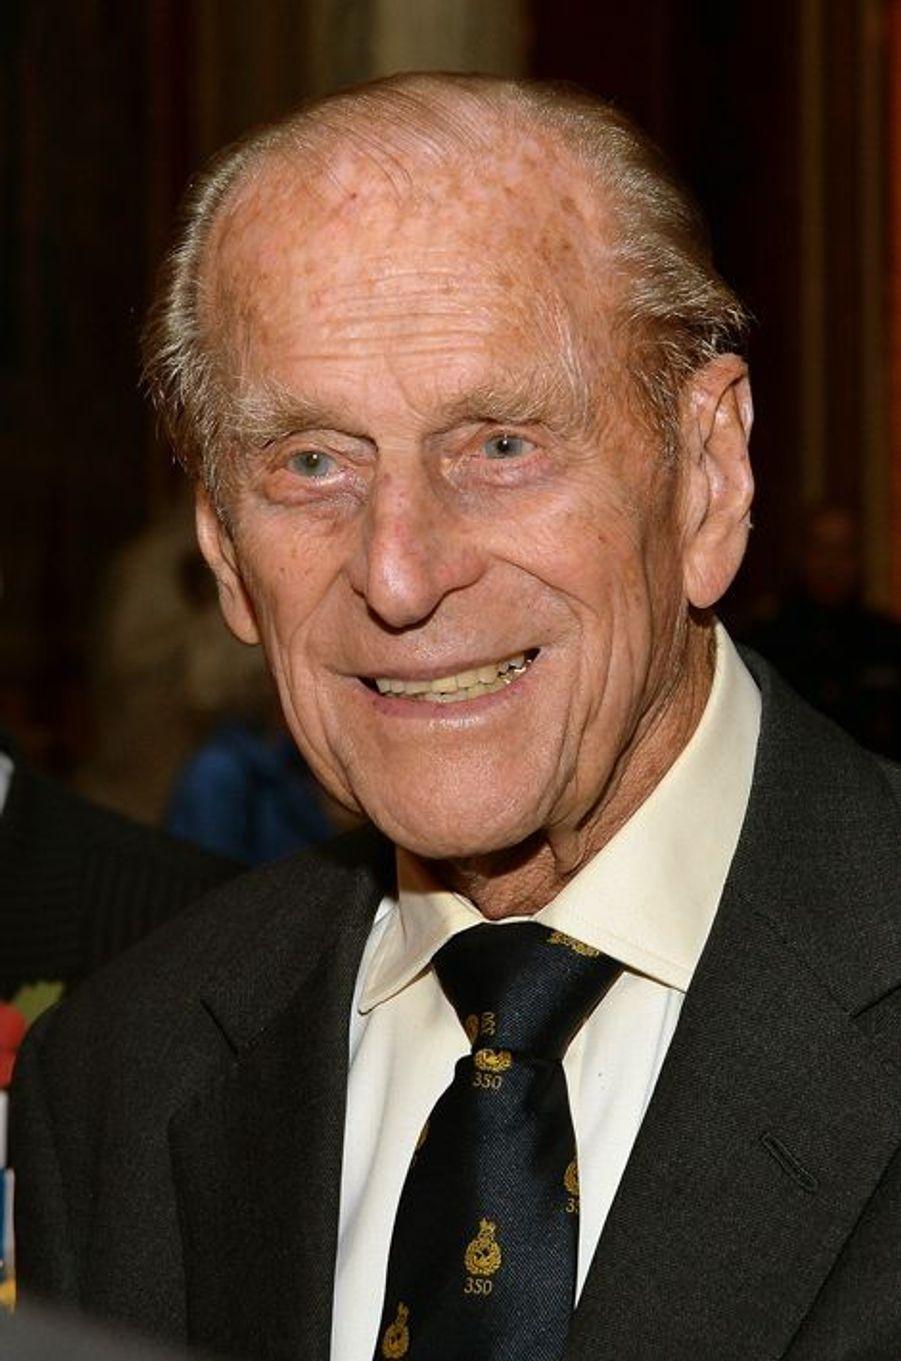 Le prince d'Edimbourg Philip Mountbatten au palais de Buckingham, le 28 octobre 2014